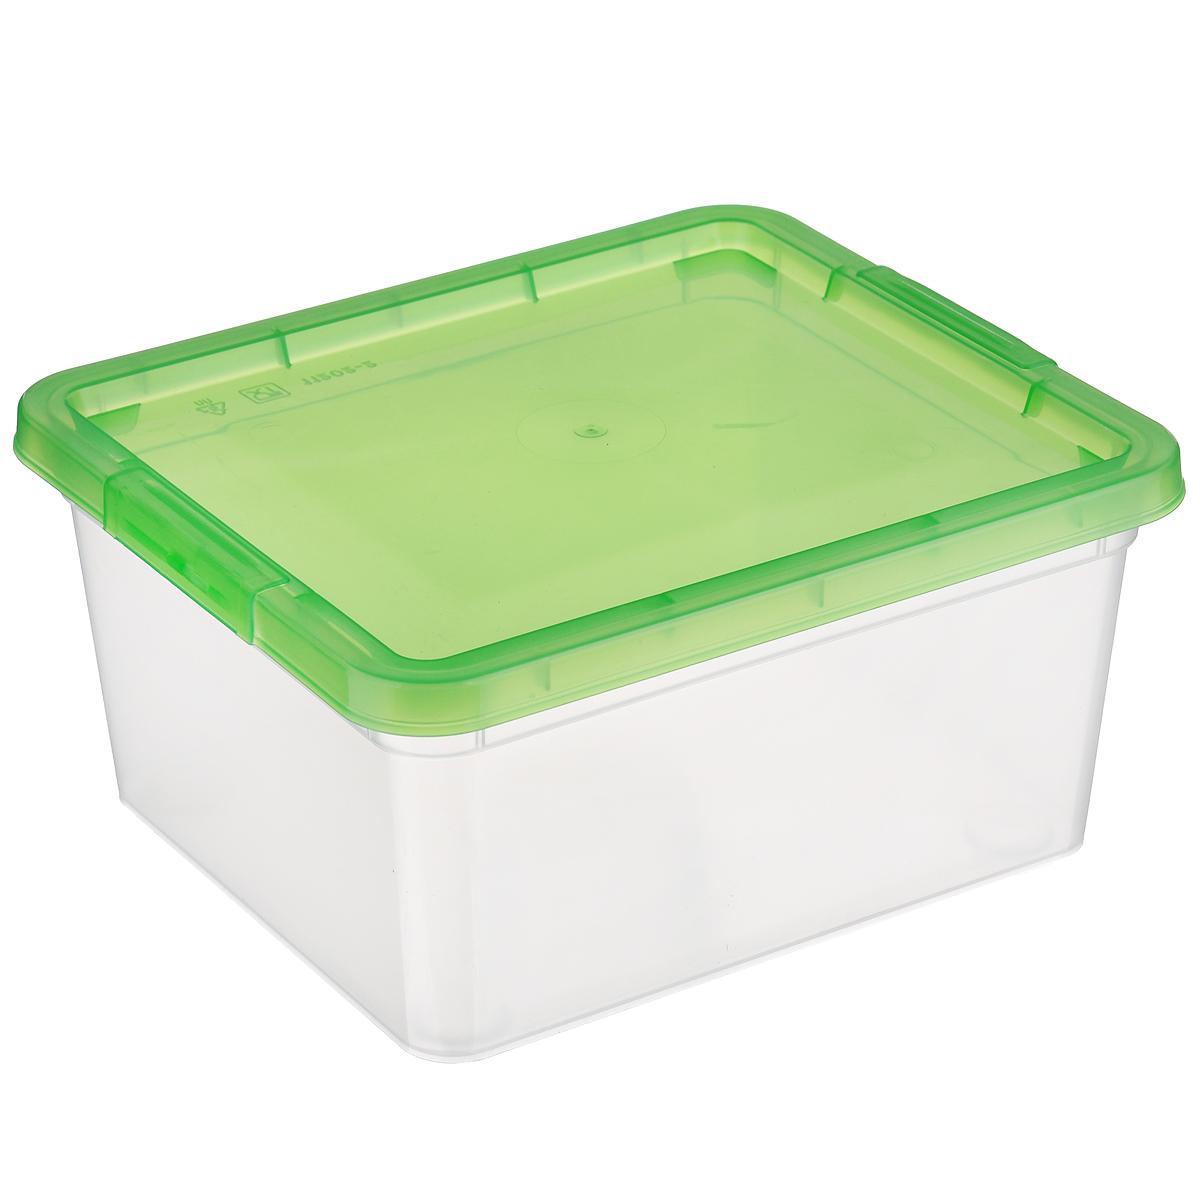 Коробка для мелочей Полимербыт, цвет: зеленый, 1,9 лС510Коробка для мелочей Полимербыт изготовлена из прочного пластика. Стенки изделия прозрачные, что позволяет видеть содержимое. Цветная полупрозрачная крышка плотно закрывается и легко открывается. Коробка идеально подходит для хранения различных мелких бытовых предметов, таких как канцелярские принадлежности, аксессуары для рукоделия и т.д. Такая коробка сохранит все мелкие предметы в одном месте и поможет поддерживать в доме порядок.